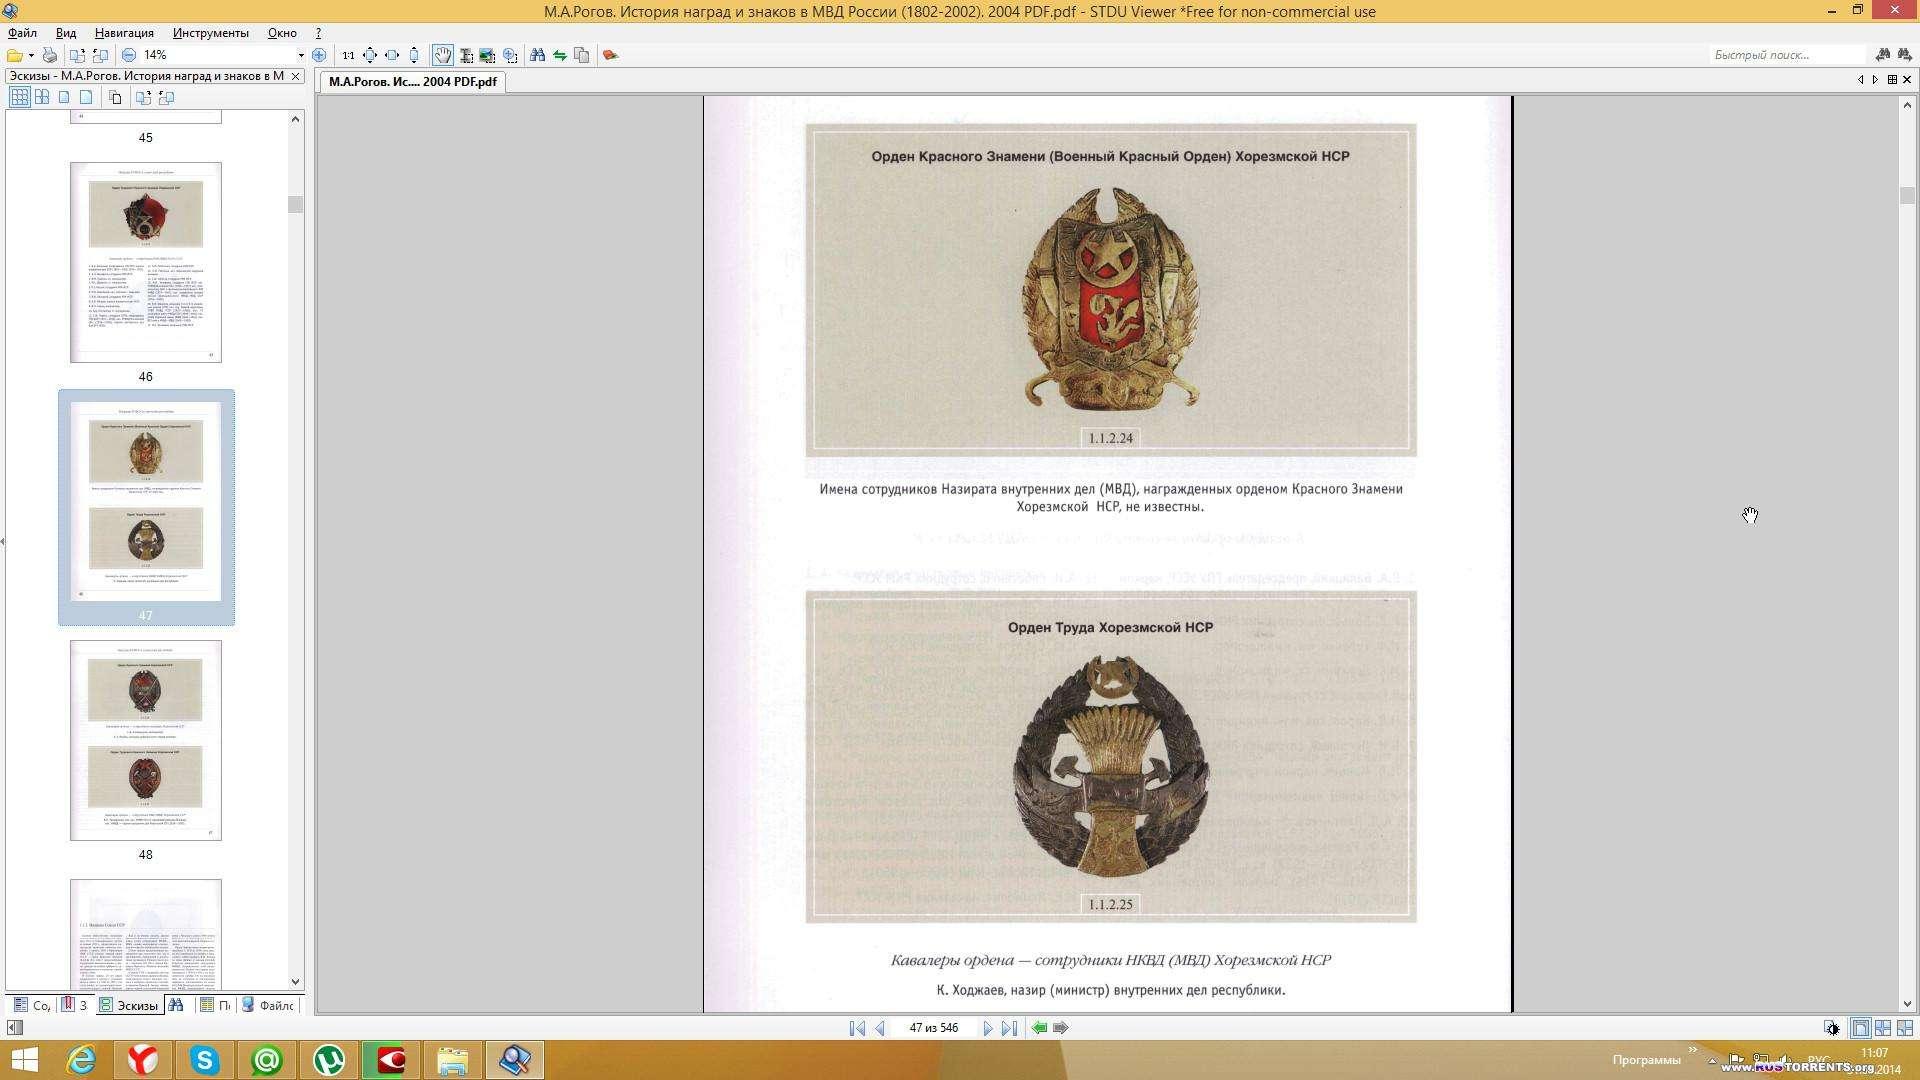 История наград и знаков в МВД России (1802-2002) / М.А.Рогов